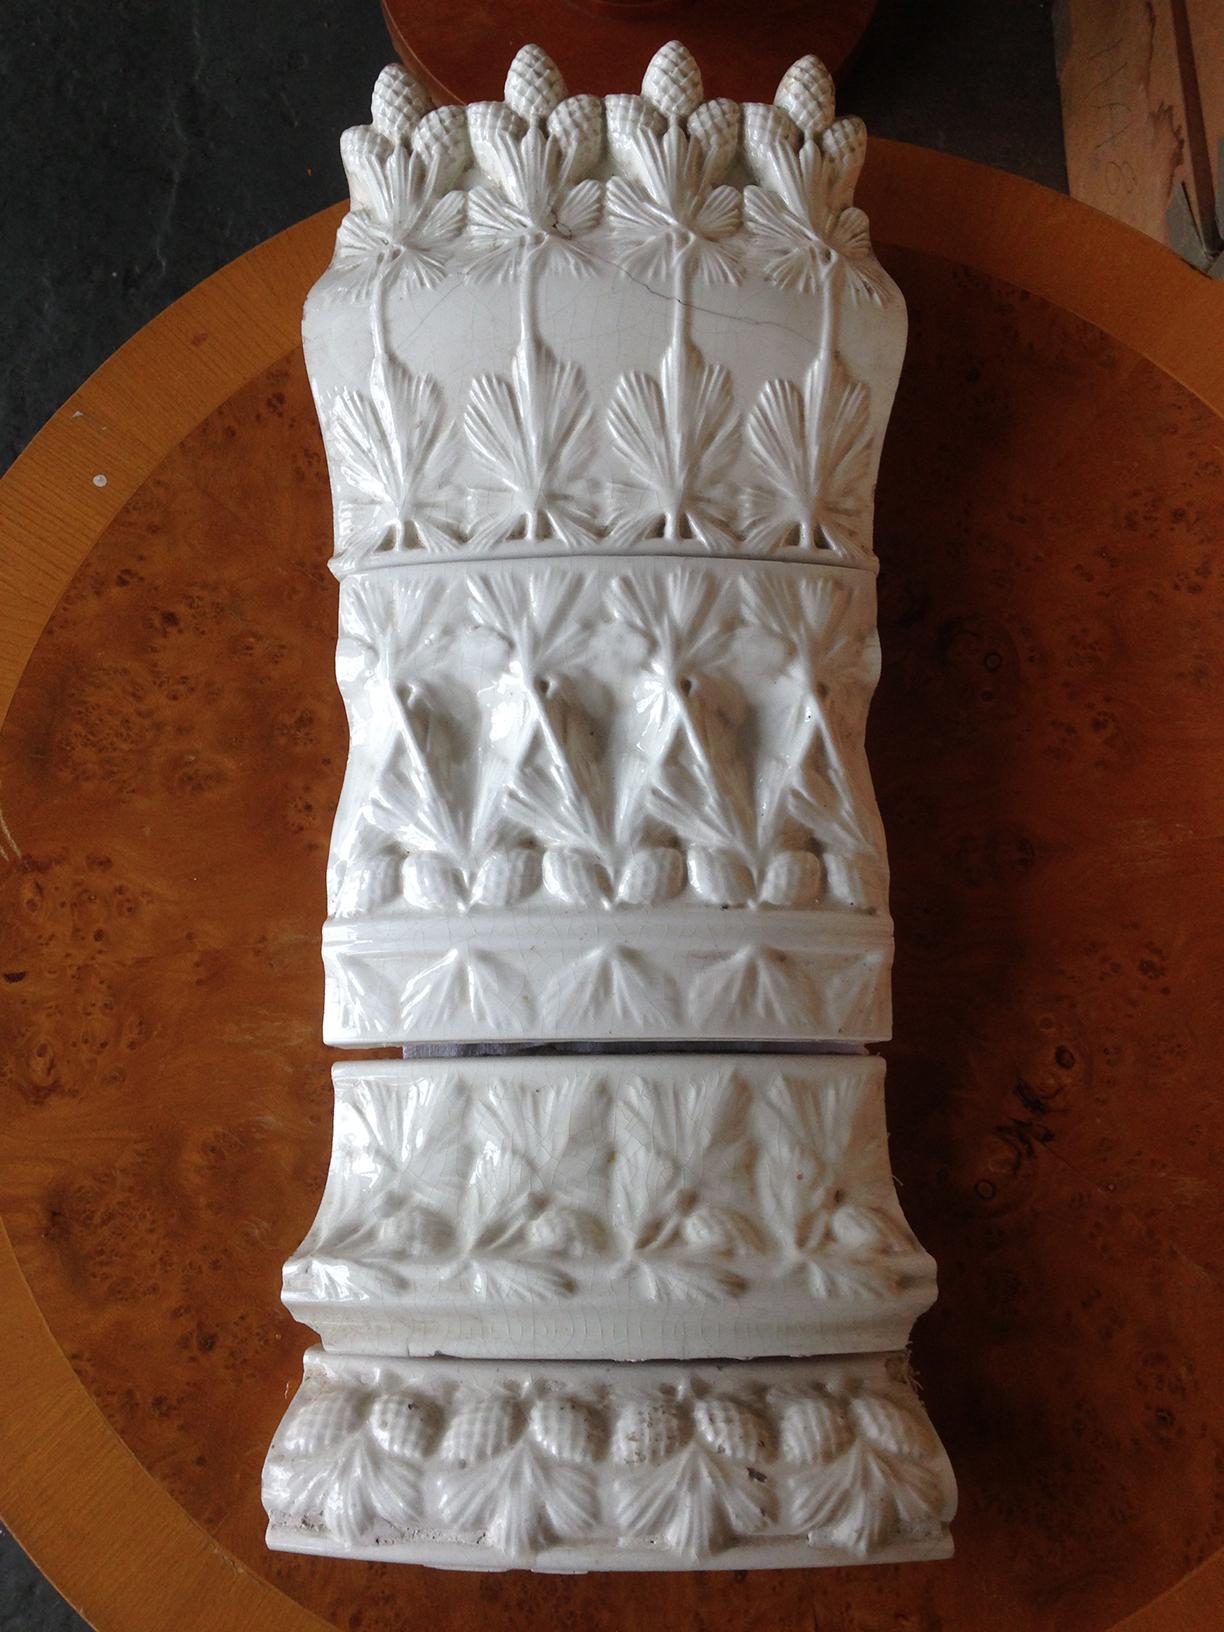 Modellierte Kacheln der Porzellanmanufaktur Rörstrand von Ferdinand Boberg